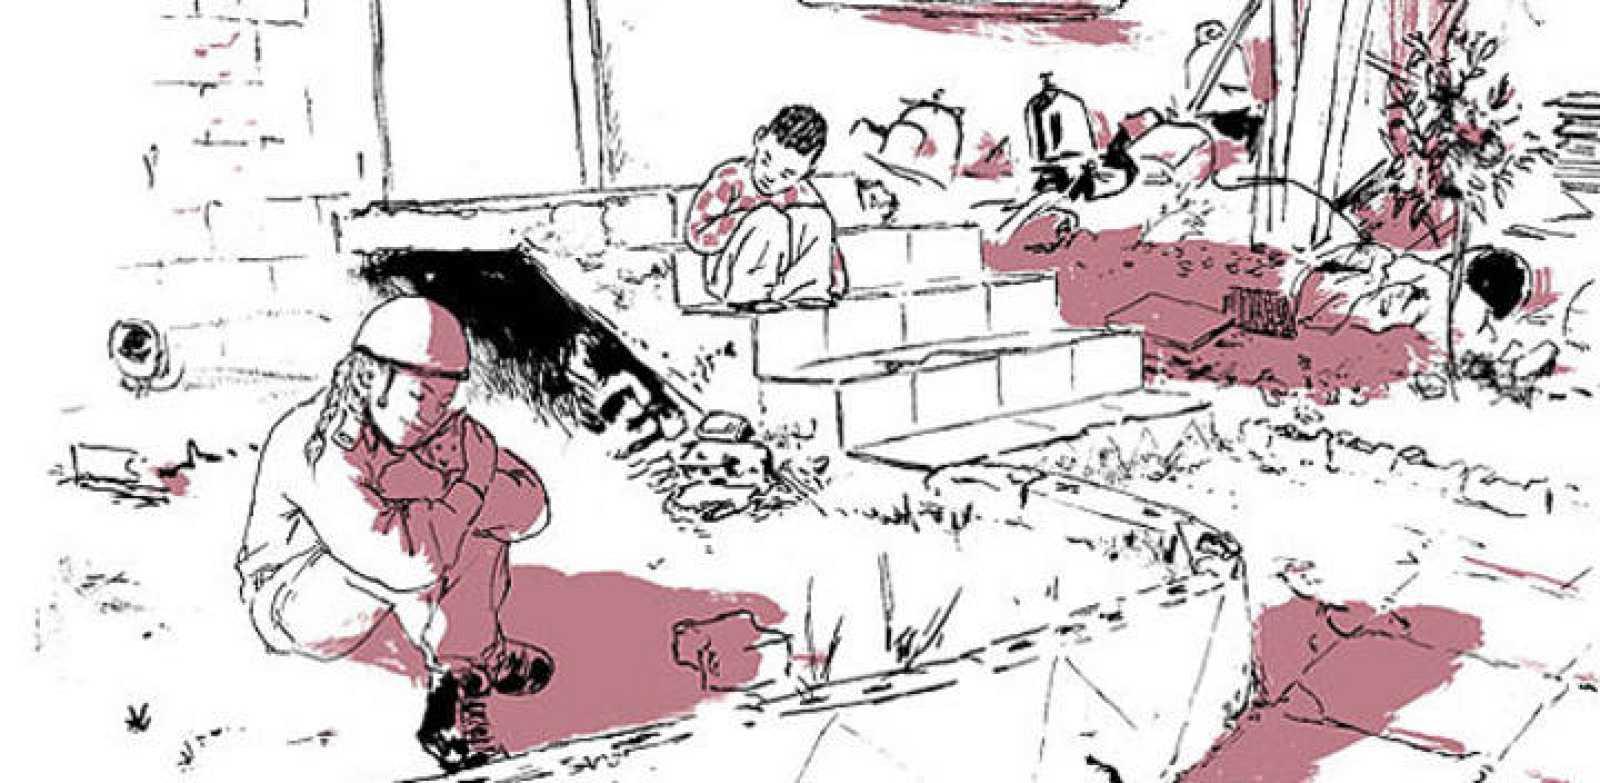 Viñeta de 'Granja 54', de Galit y Gilad Seliktar